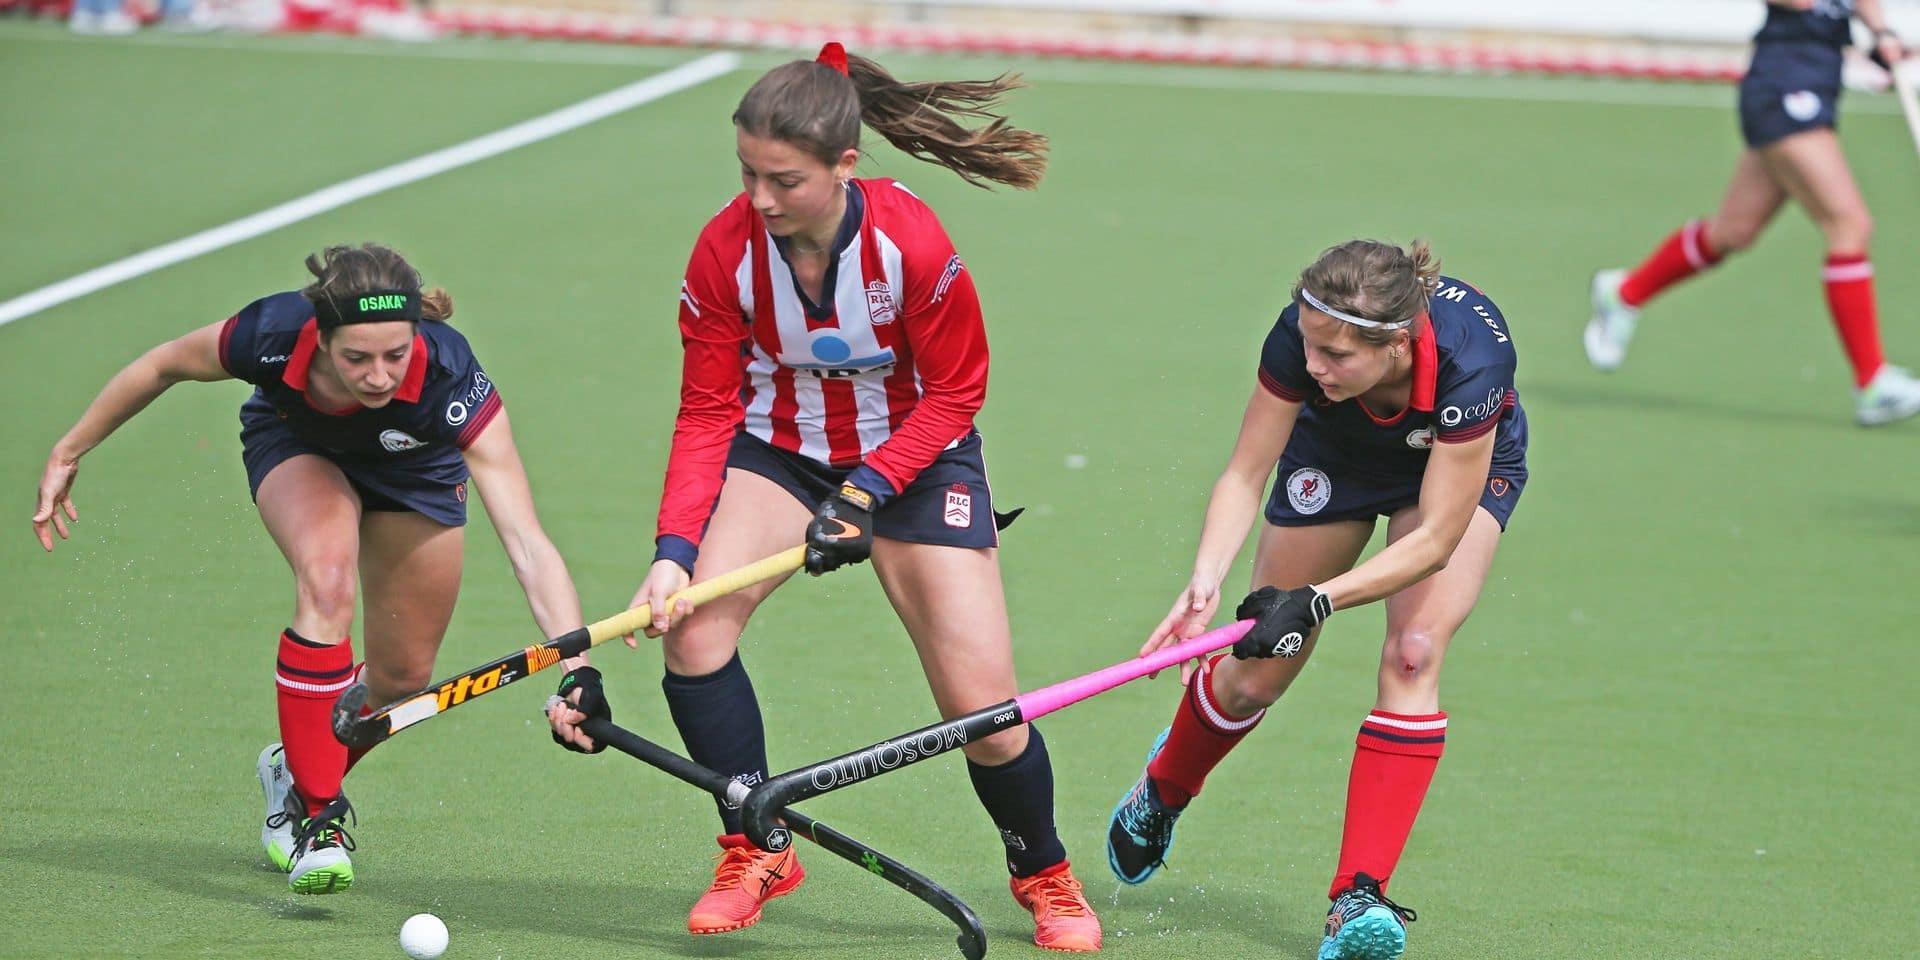 Hockey Dames : le Wellington revient dans la course au sauvetage, le Léopold sort un goal de nulle part et sauve sa journée